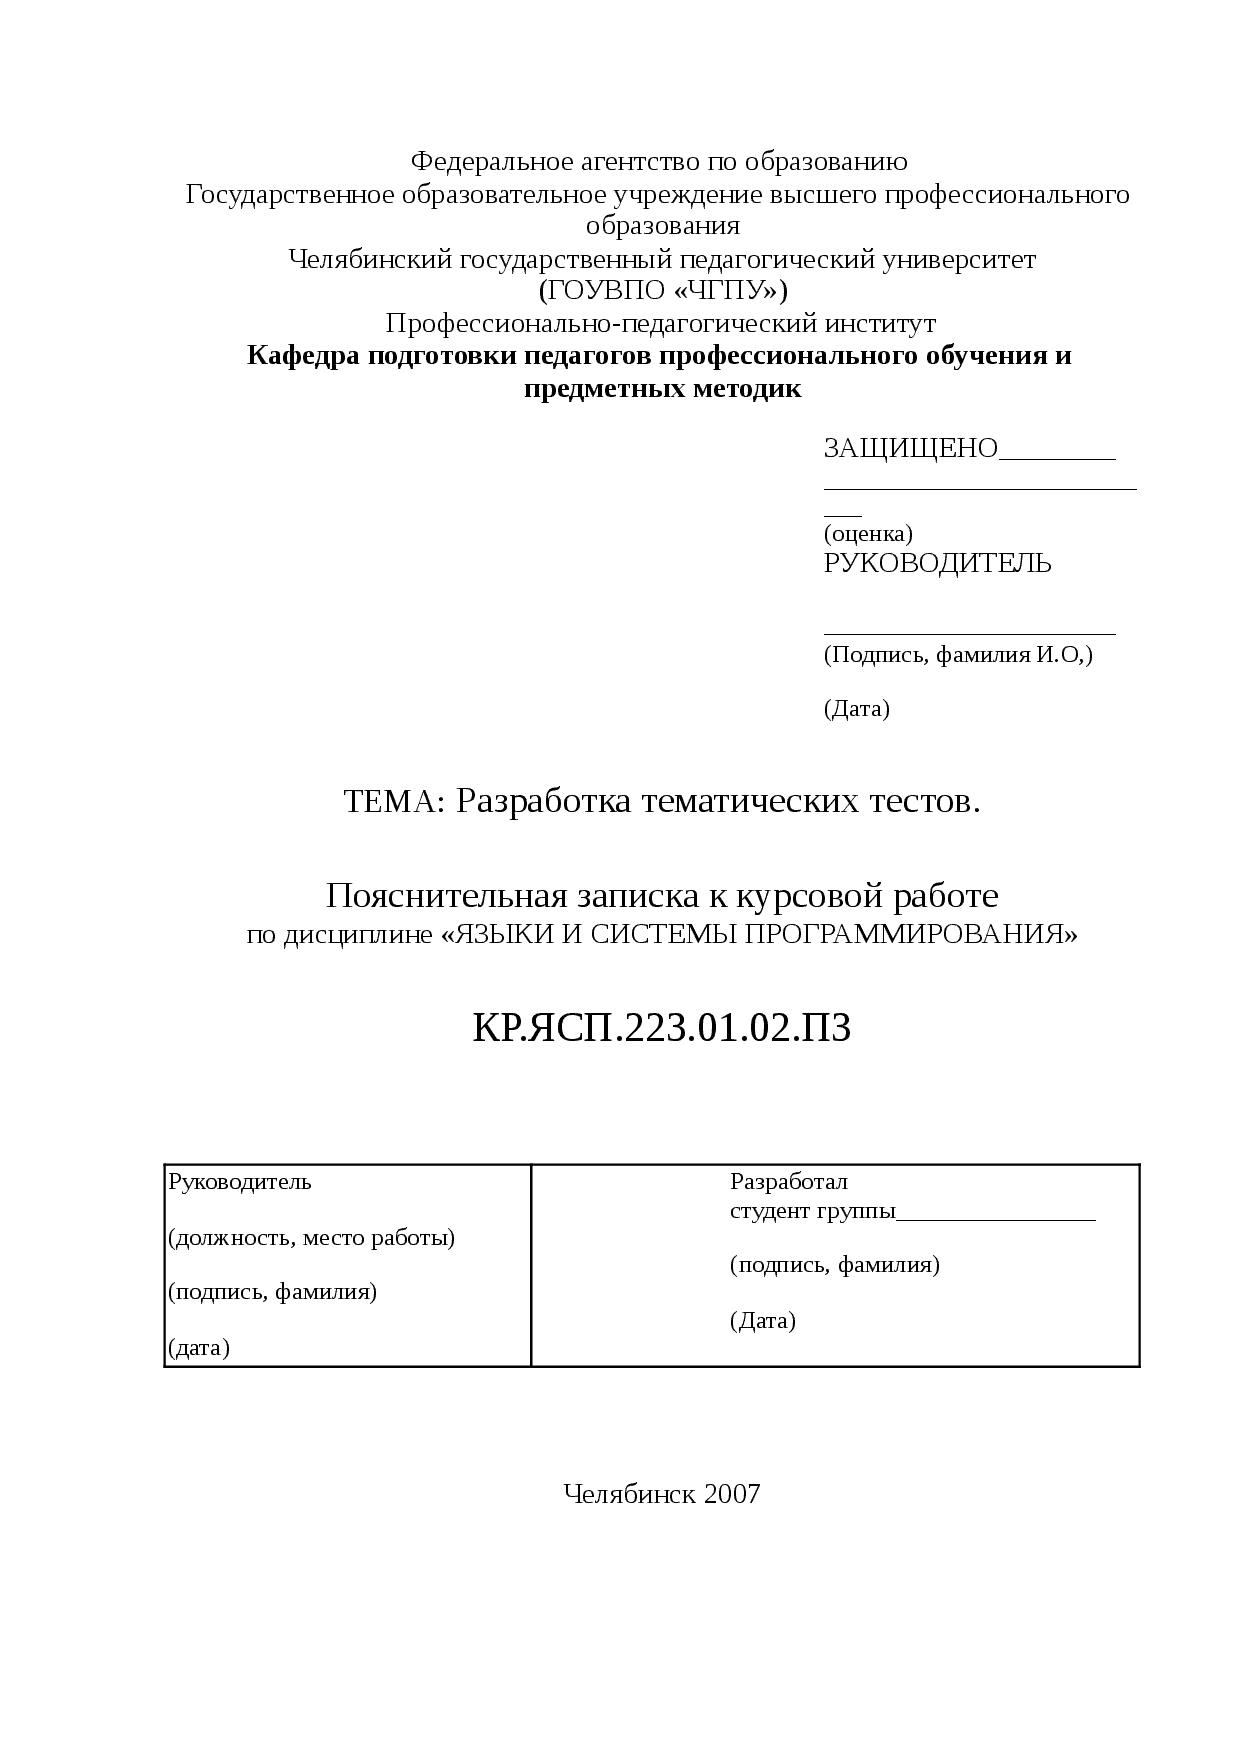 Требования к оформлению пояснительной записки дипломного проекта (работы)